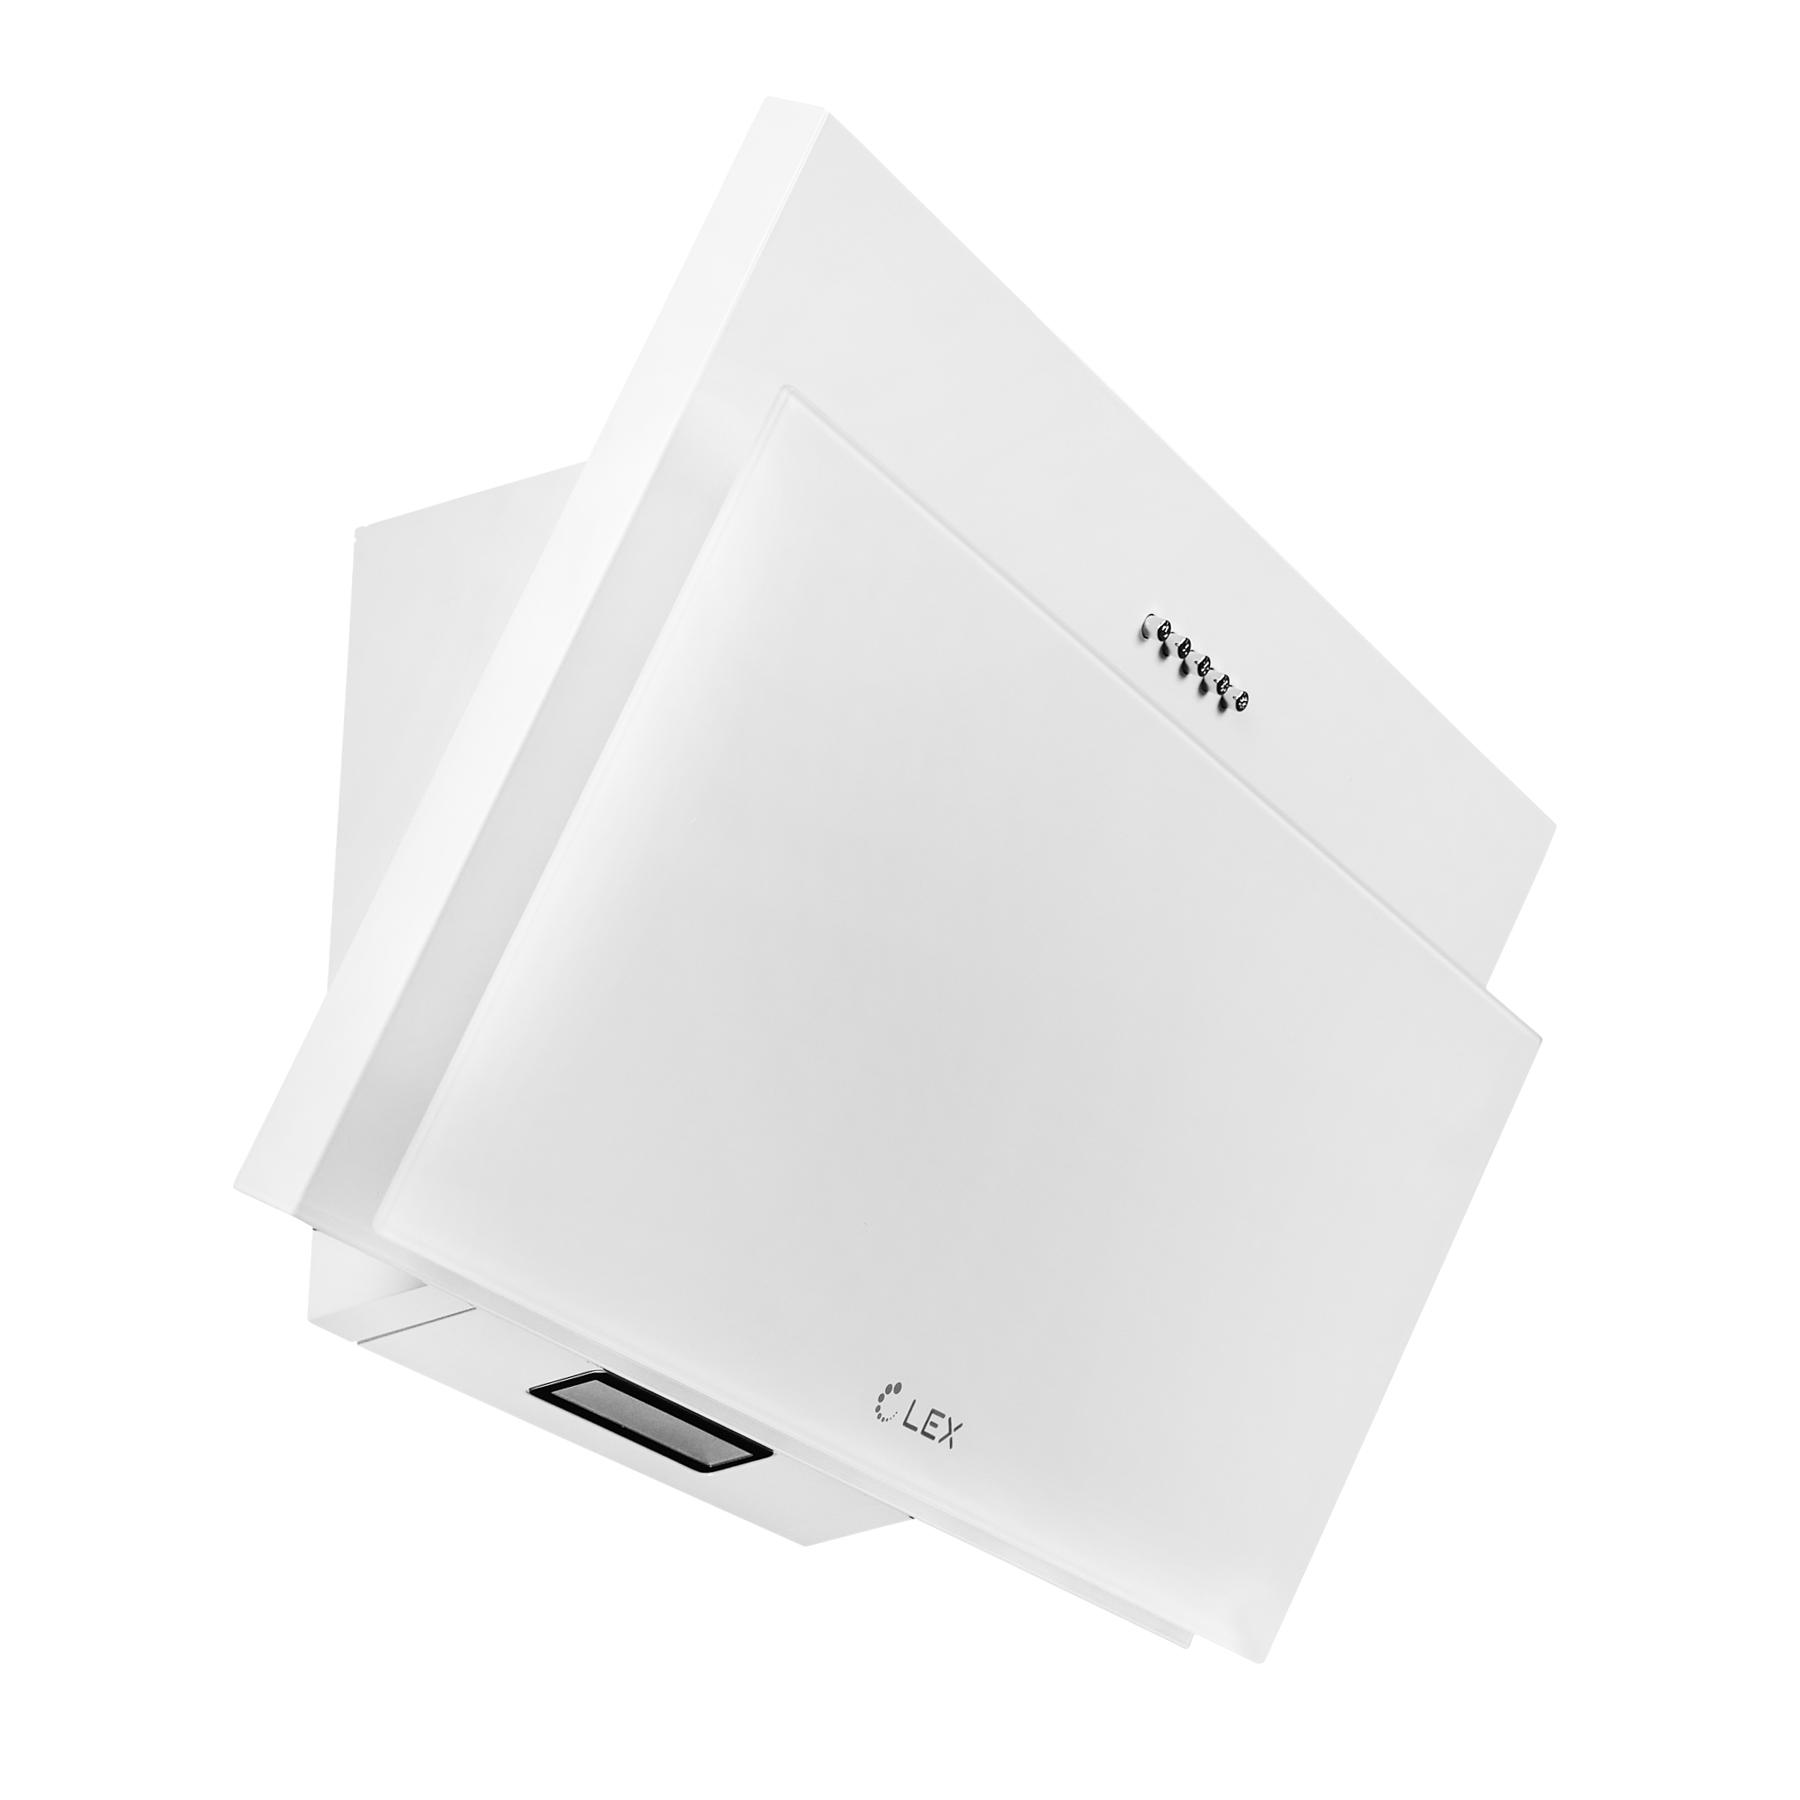 LEX Luka 500 White